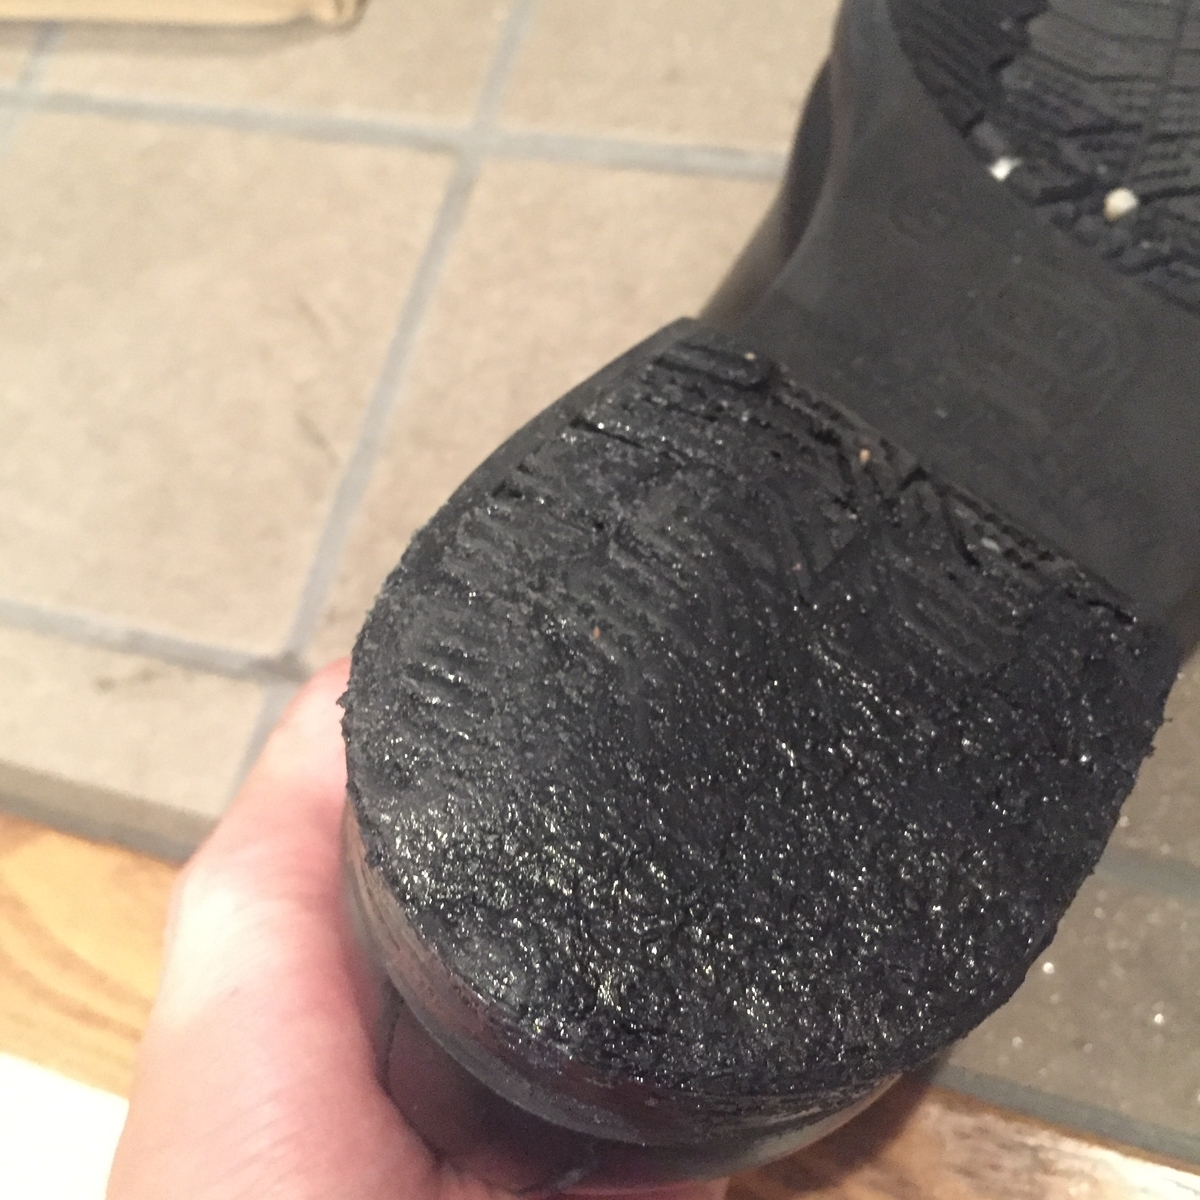 革靴 補修 すり減り かかと 側面 傷 靴 シューズドクター セメダイン 接着剤 靴底 ビジネスマン